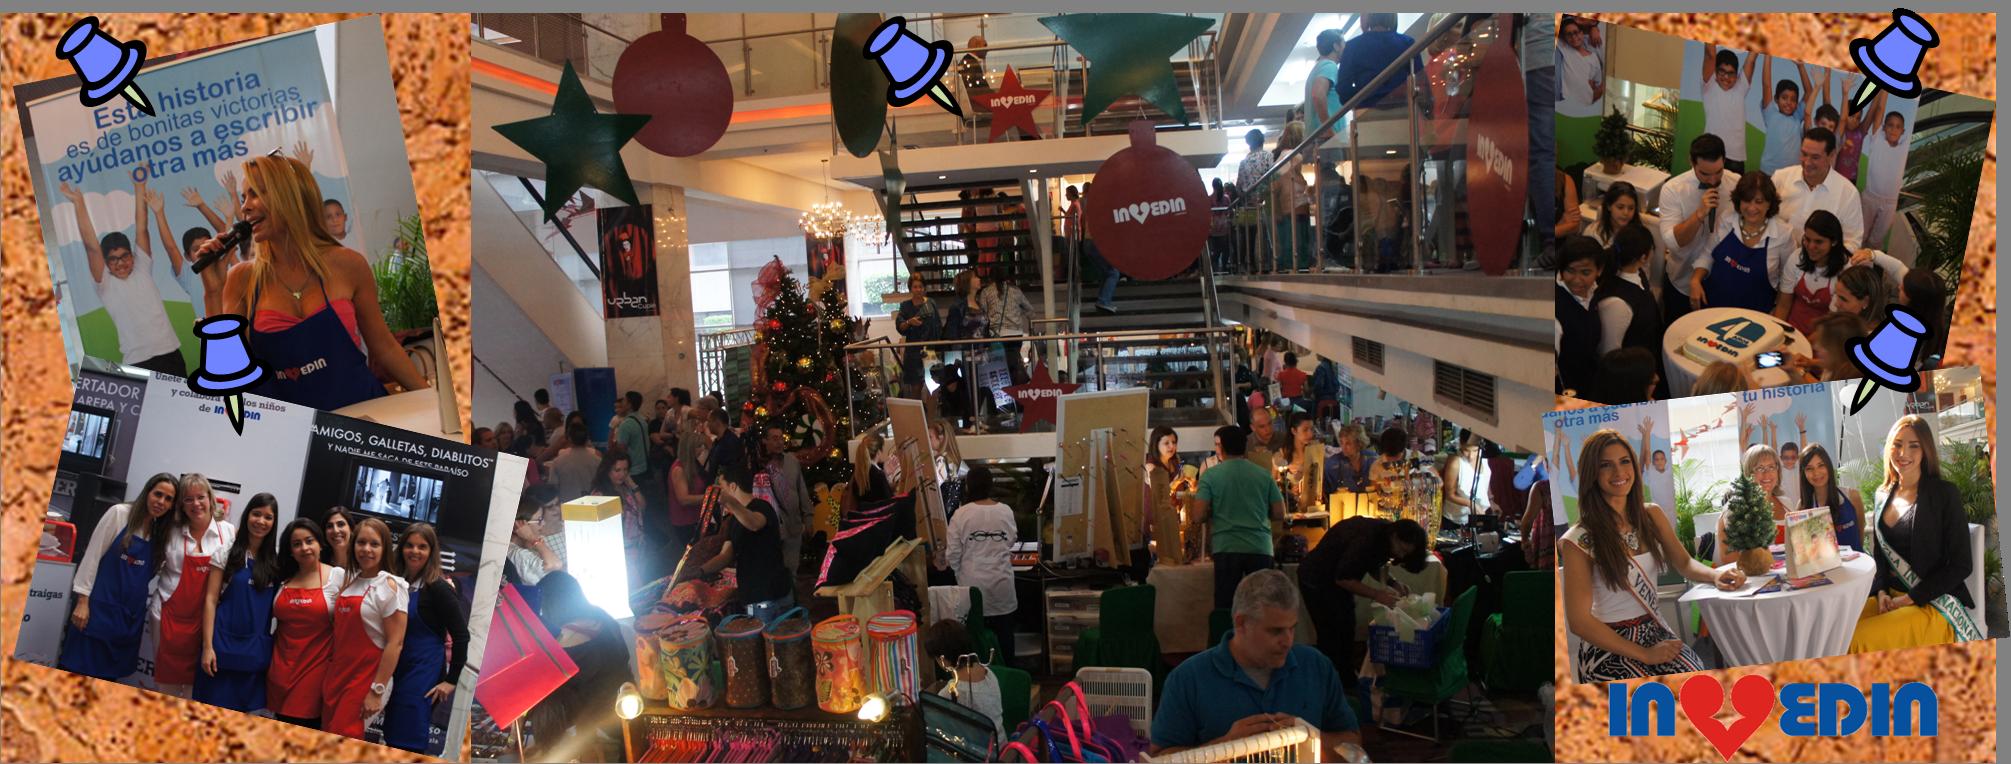 Gran Bazar Navideño Invedin 2014